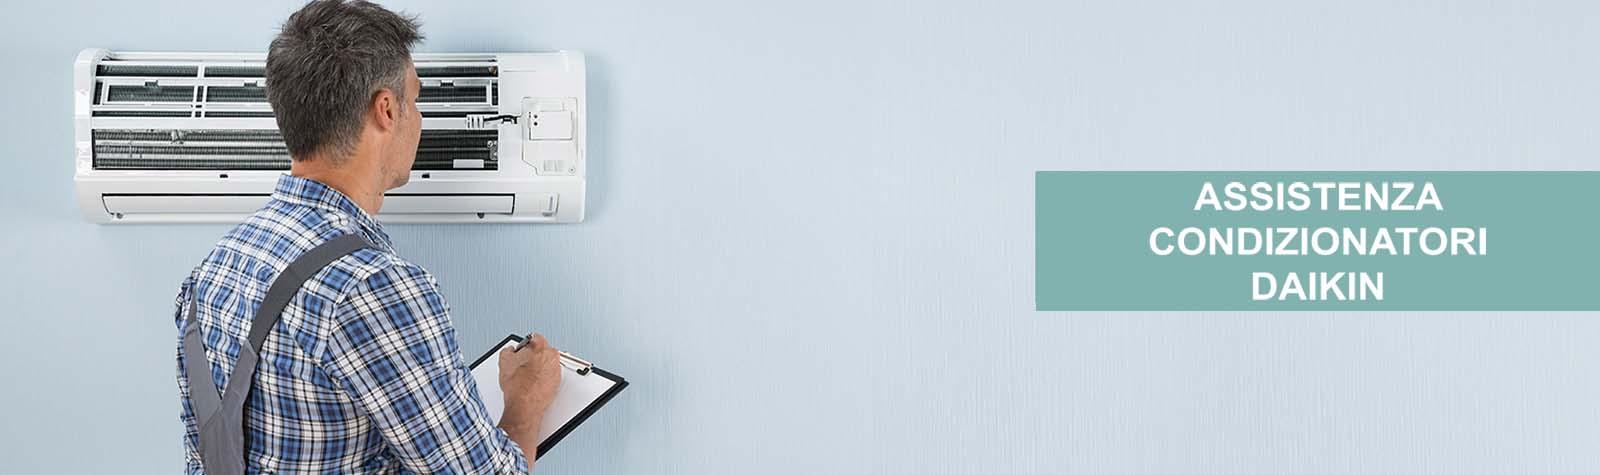 Condizionatori Daikin Concorezzo - Contattaci per un preventivo